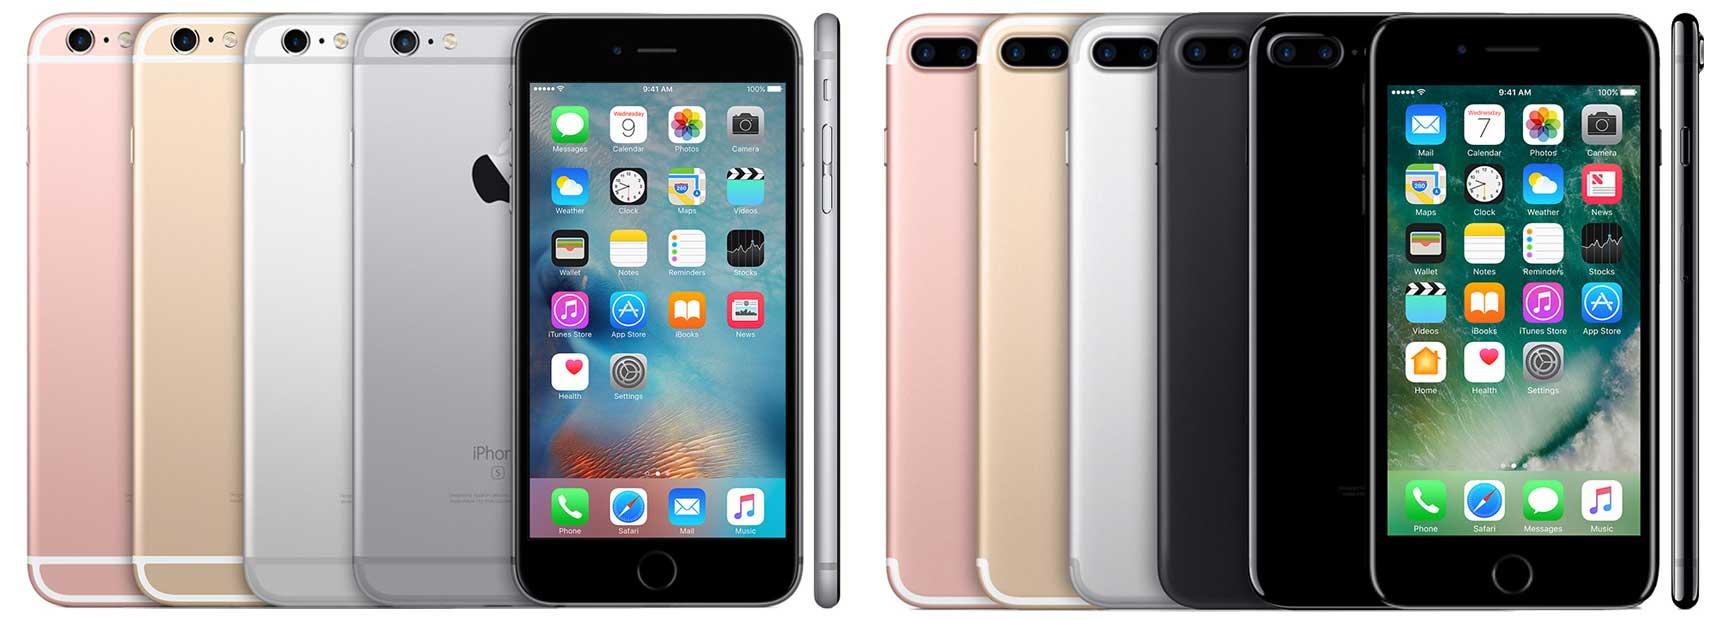 разница во внешнем виде между iPhone 7 PLUS и iPhone 6S PLUS